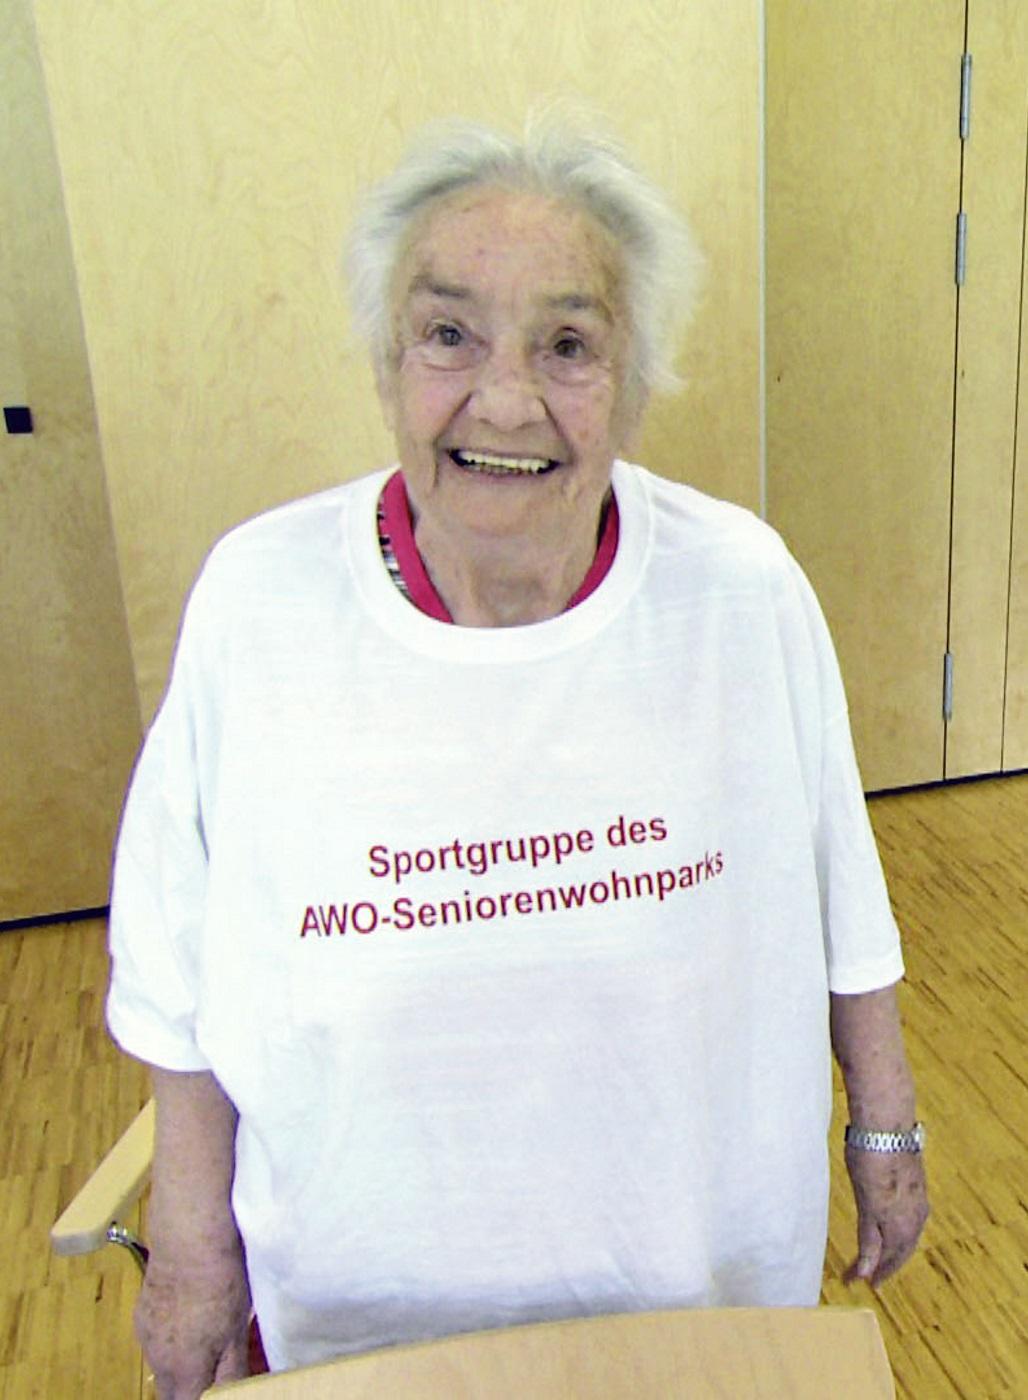 Ältere Dame beim Bewegungstraining. Sturzüprävention.